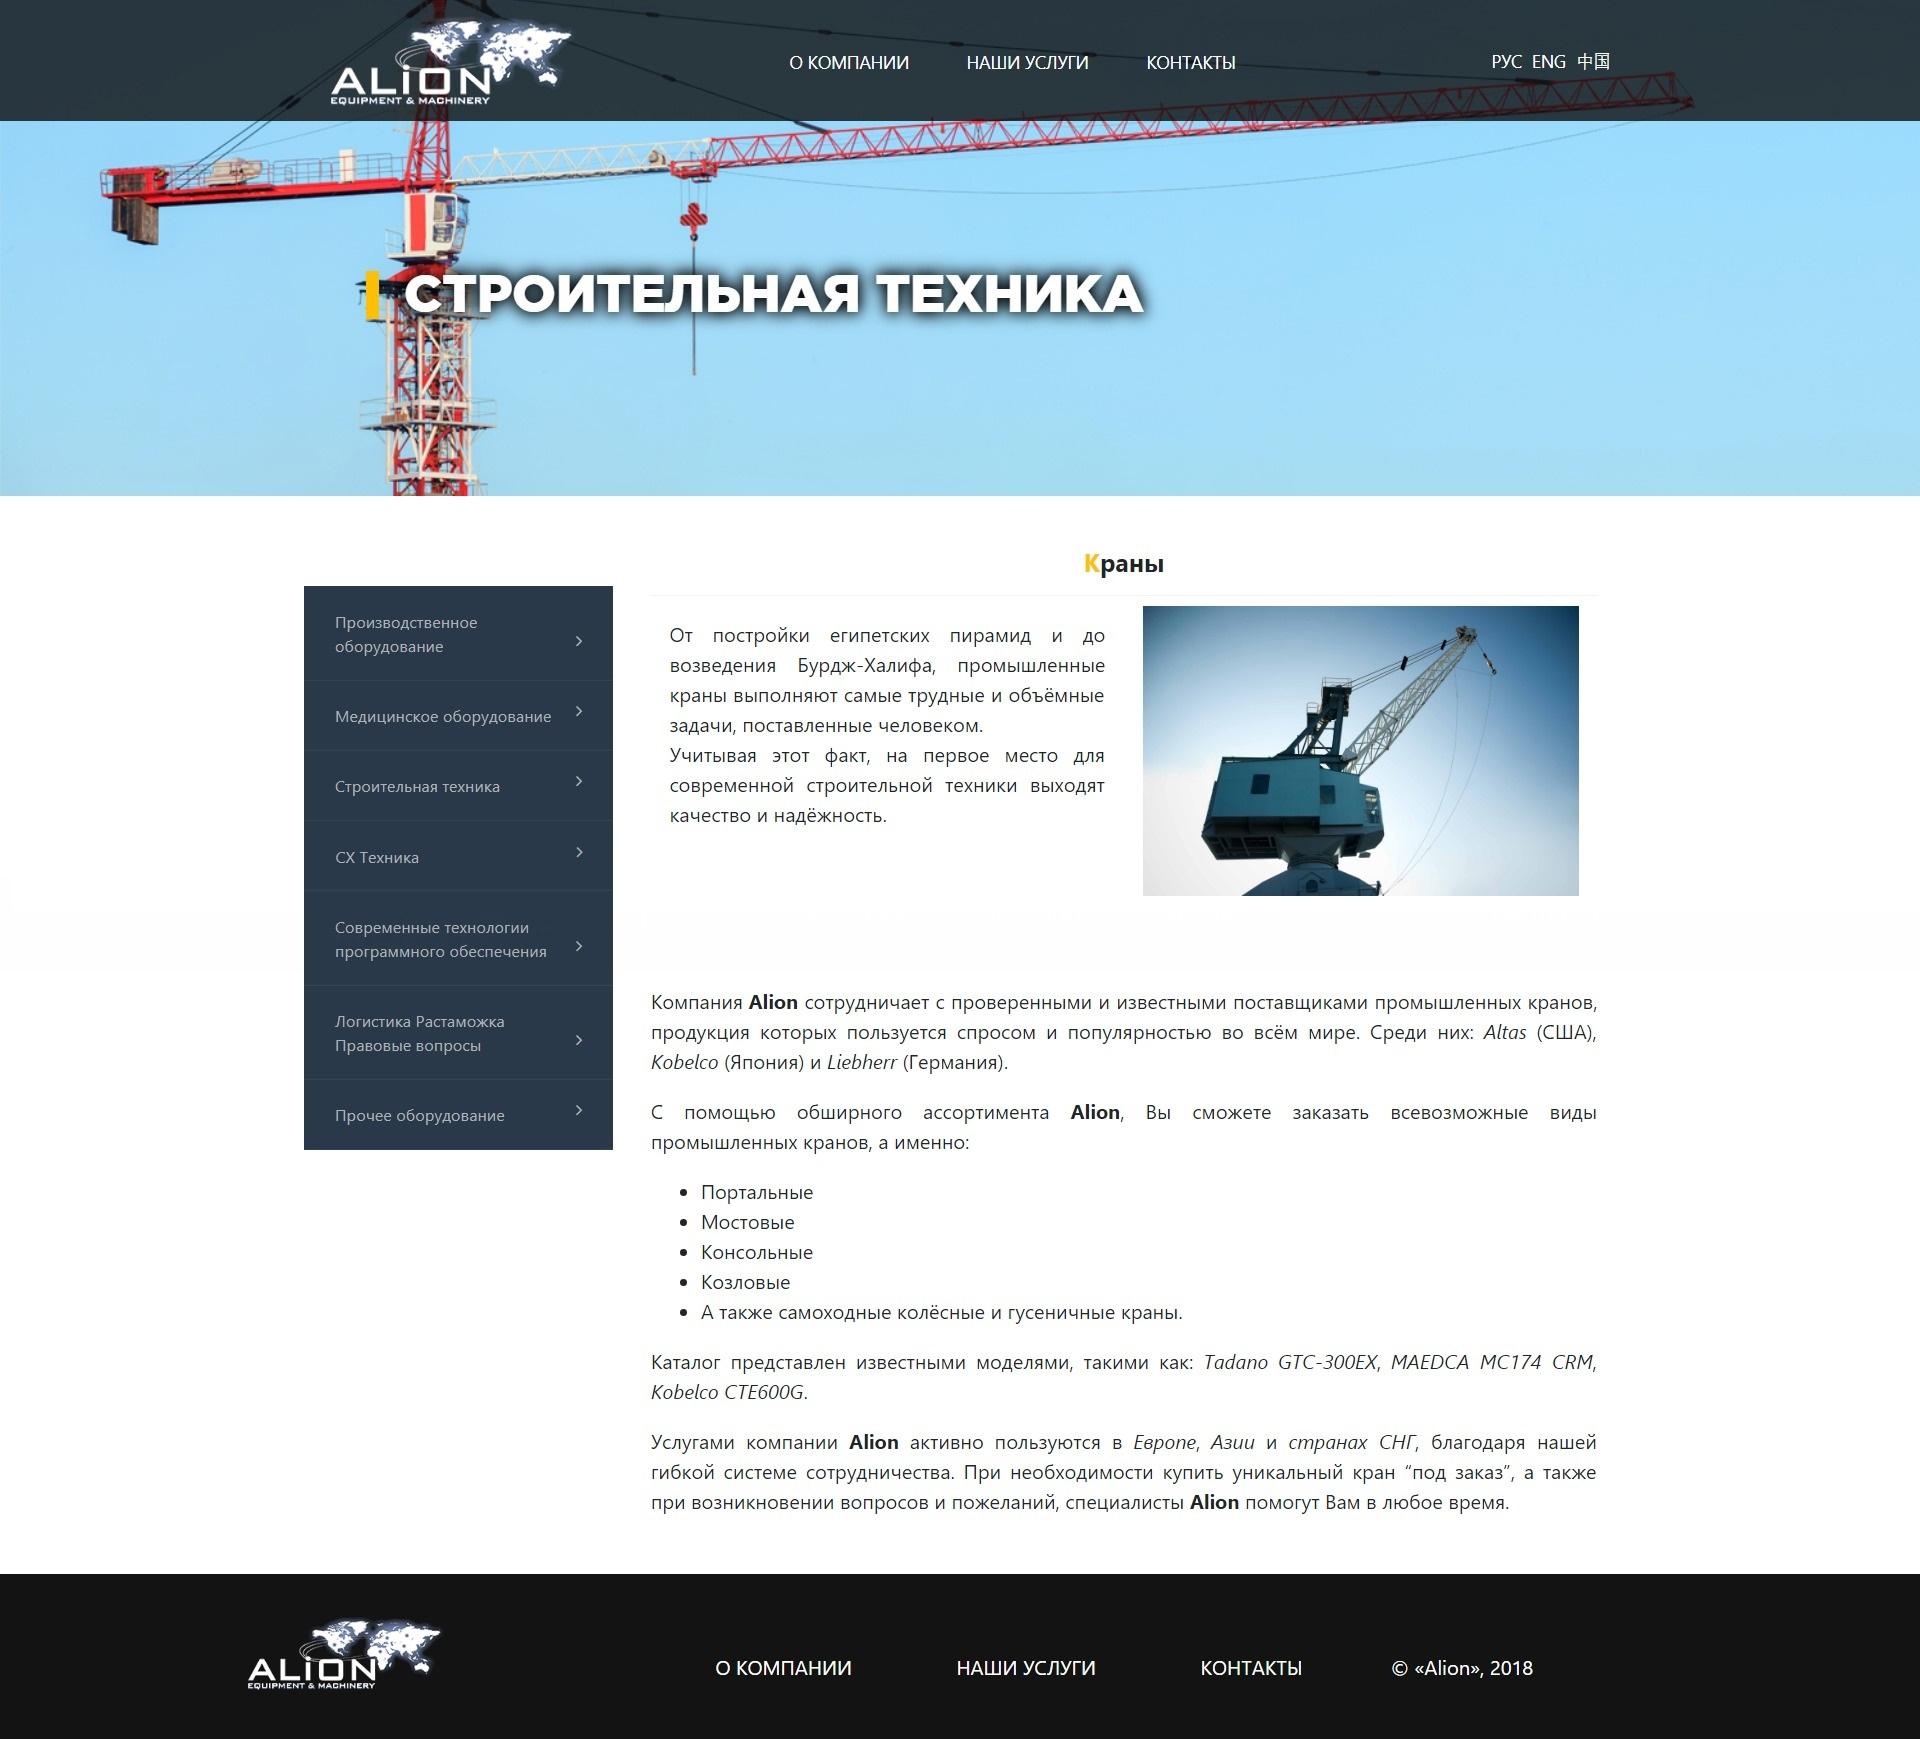 Корпоративный сайт поставщика оборудования и спецтехники